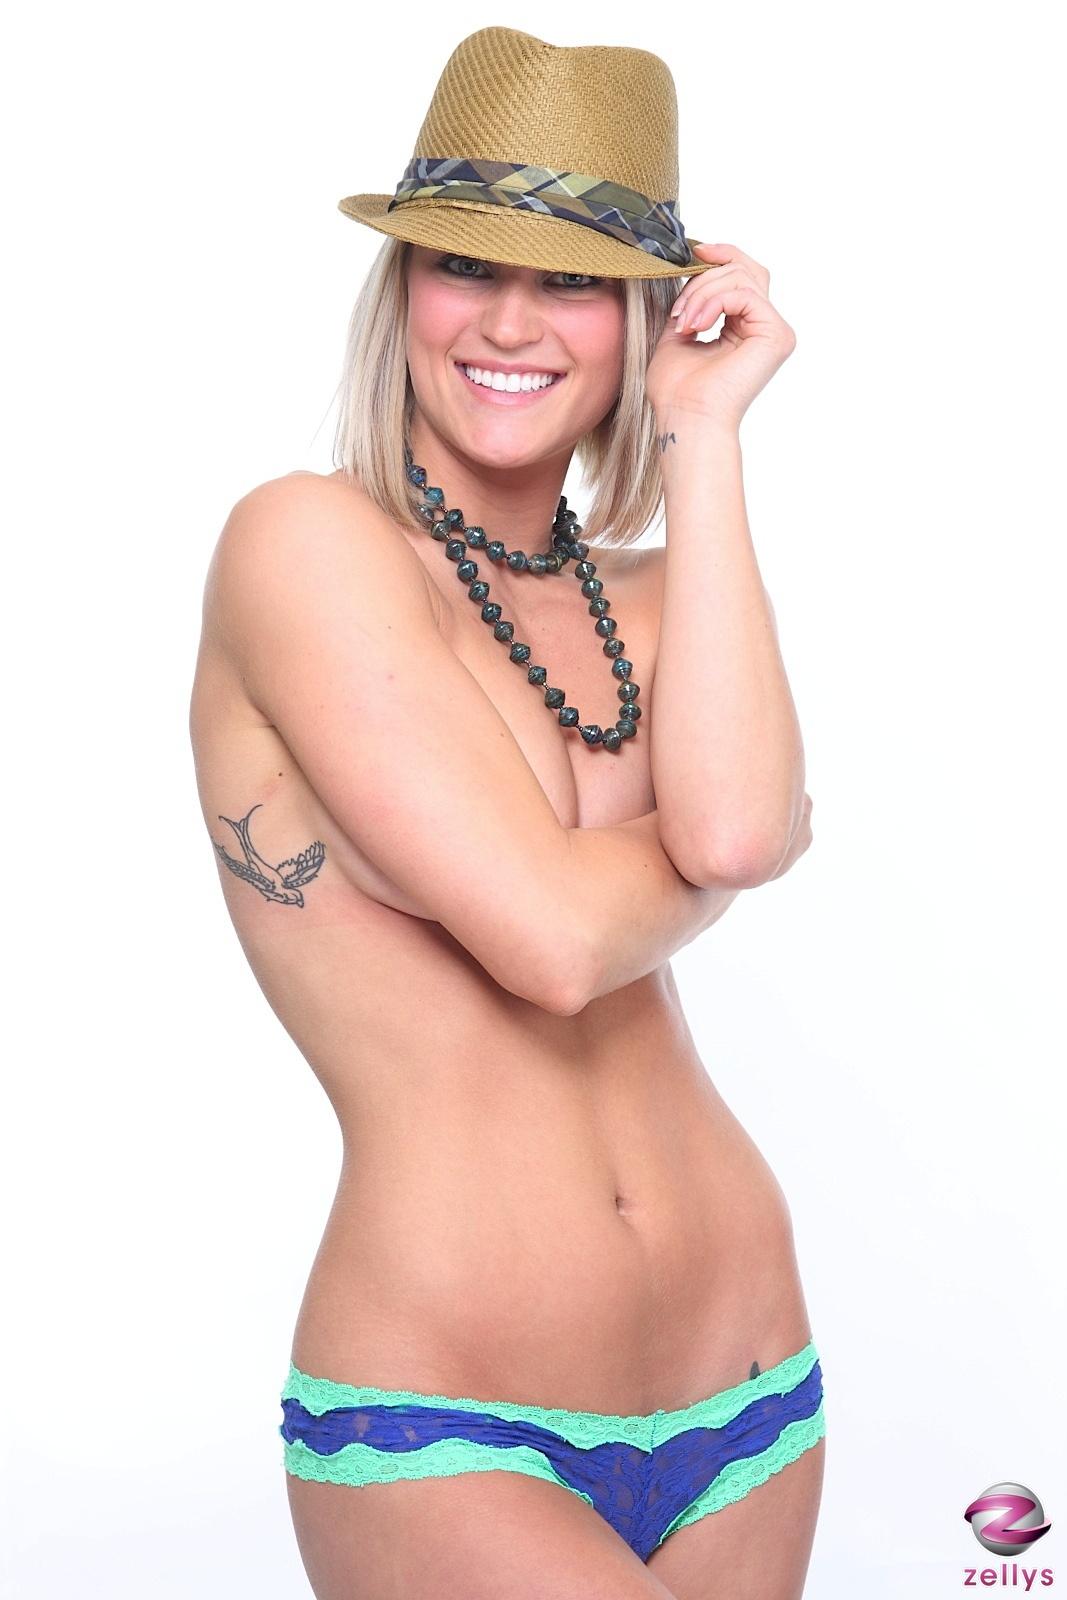 Nude webcam shows videos